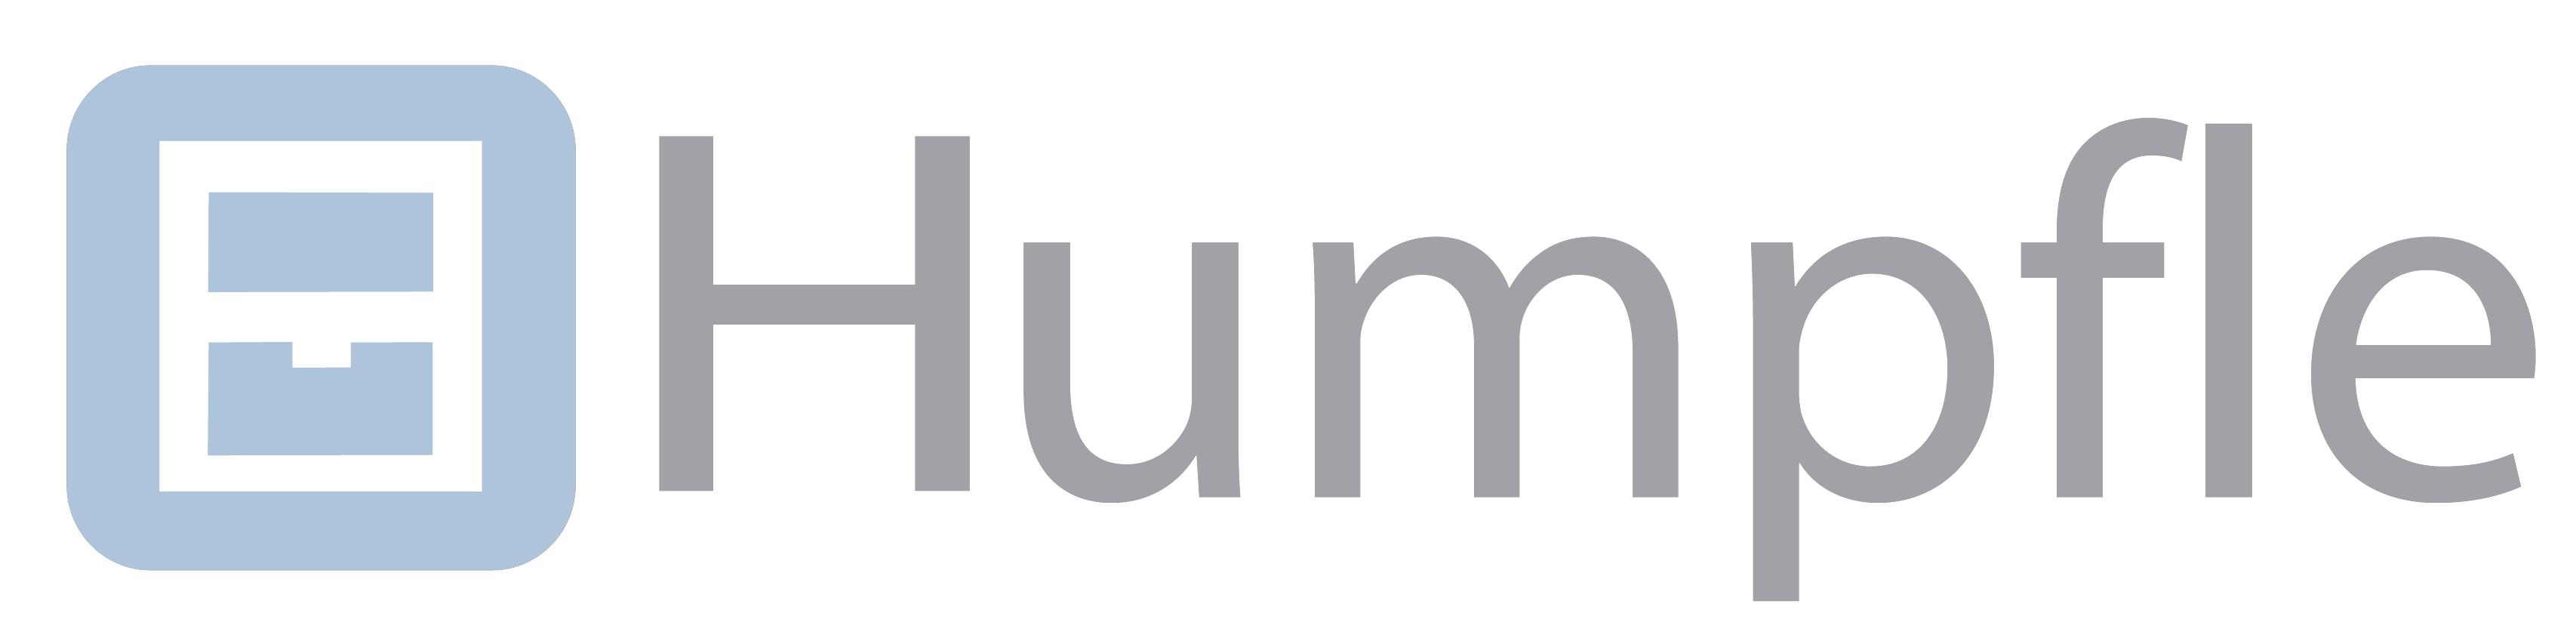 Schulranzen und Spielwaren Fachhandel Humpfle - Logo - Bewertungen